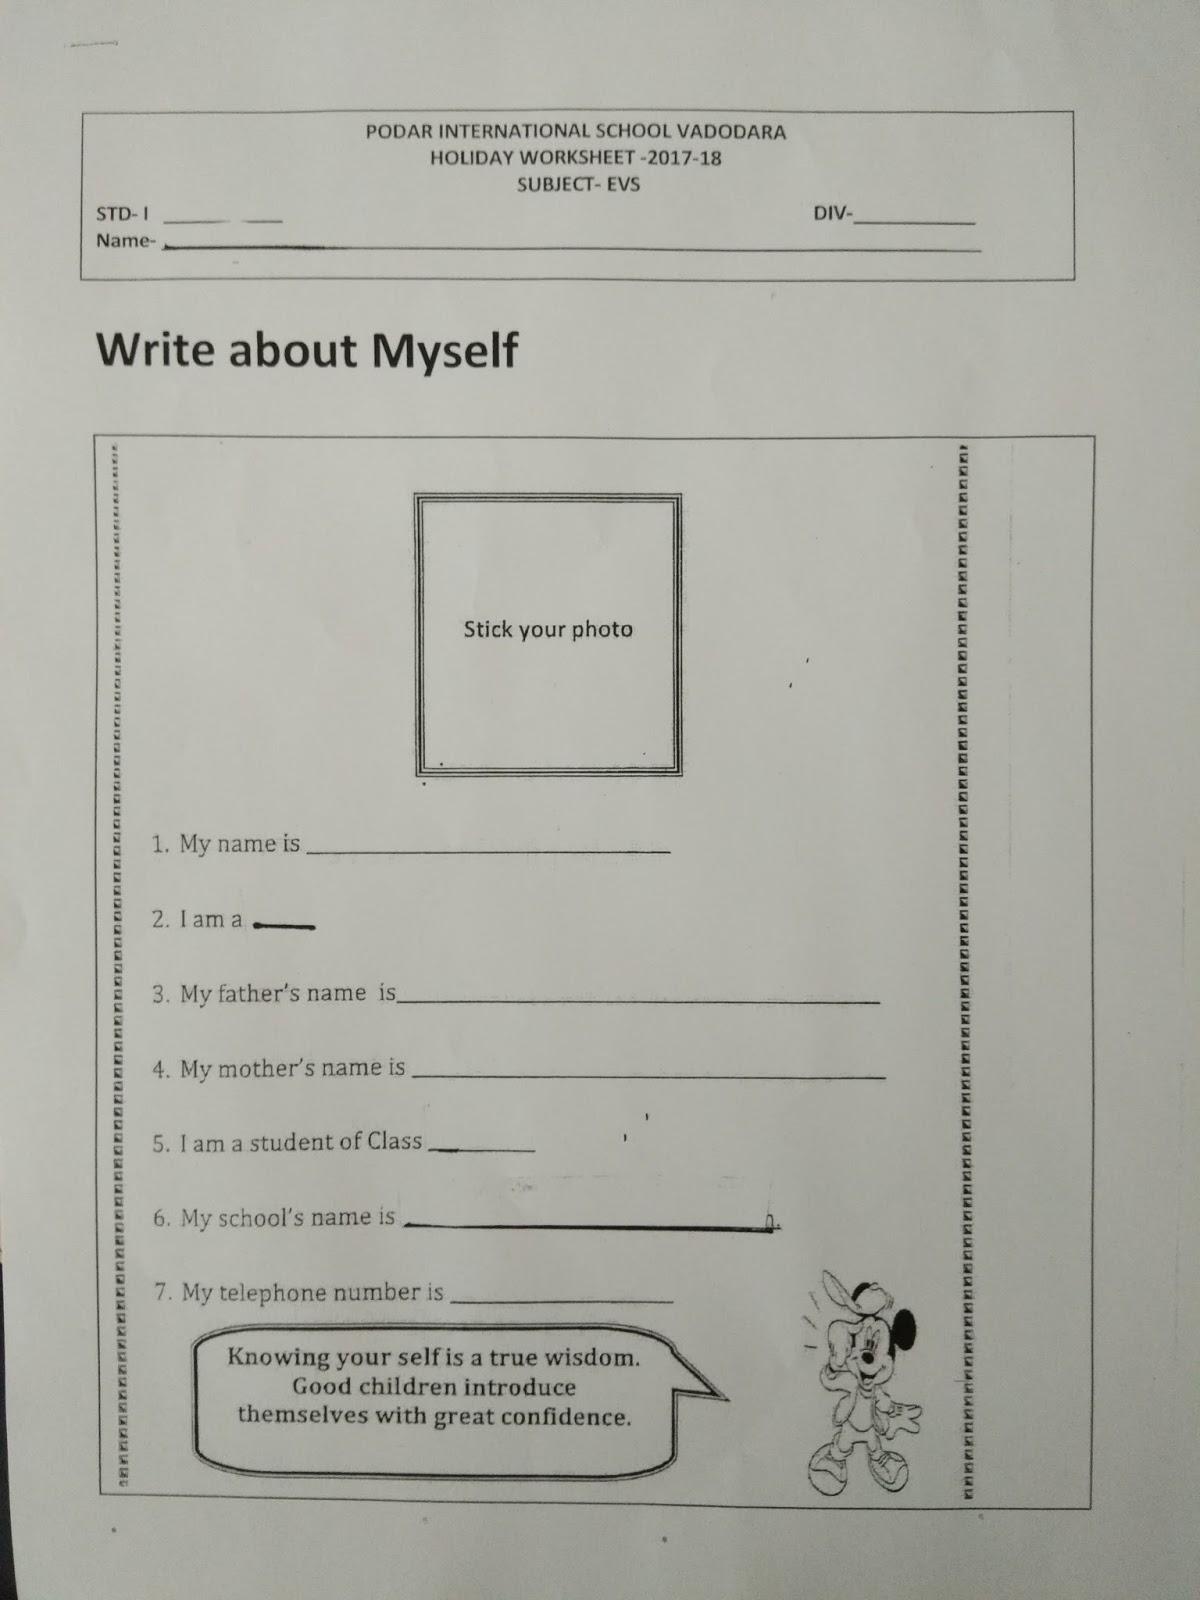 Pis Vadodara Std 1 Holiday Homework Worksheet 2017 18 English